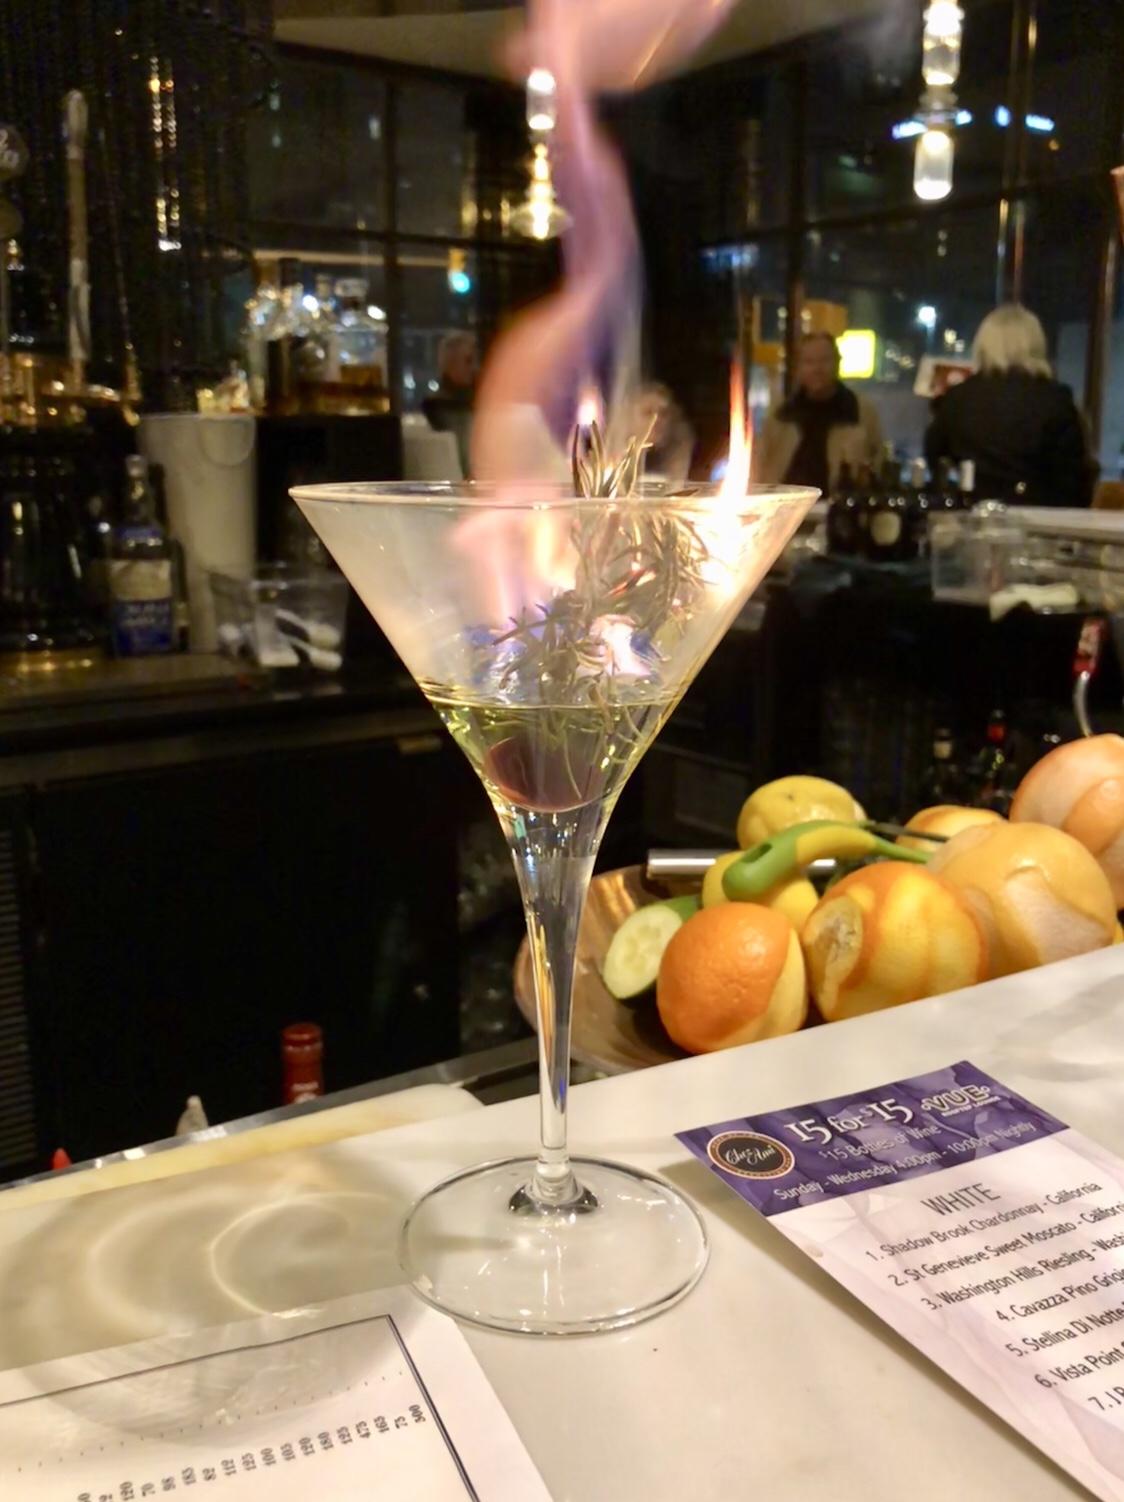 Rosemary Martini | Chez Ami Restaurant #martini #curtisshotel #buffalony #chezami #revolvingbarbuffalo #westernny